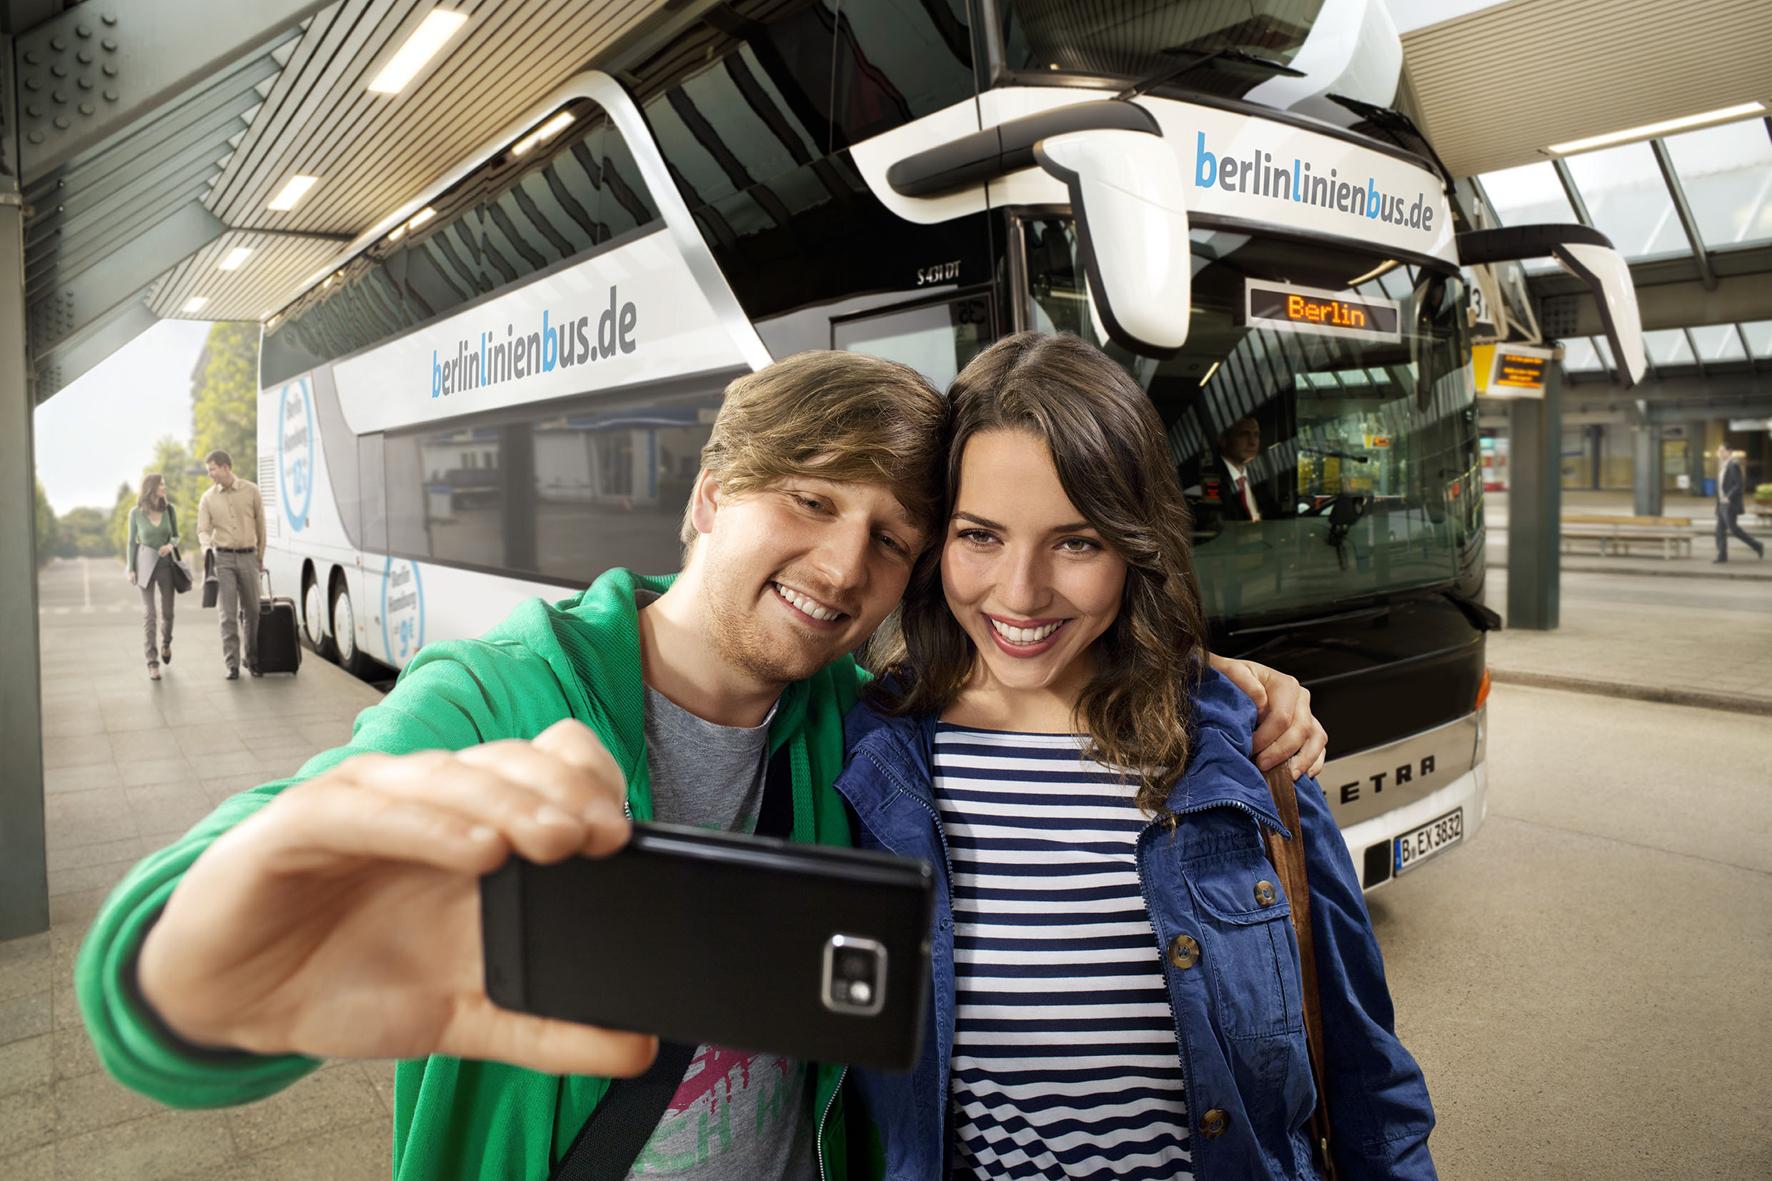 mid Düsseldorf - Durch Echtzeitdaten über die Position der Busse sind Kunden von Berlinlinienbus künftig immer über Verspätungen informiert.